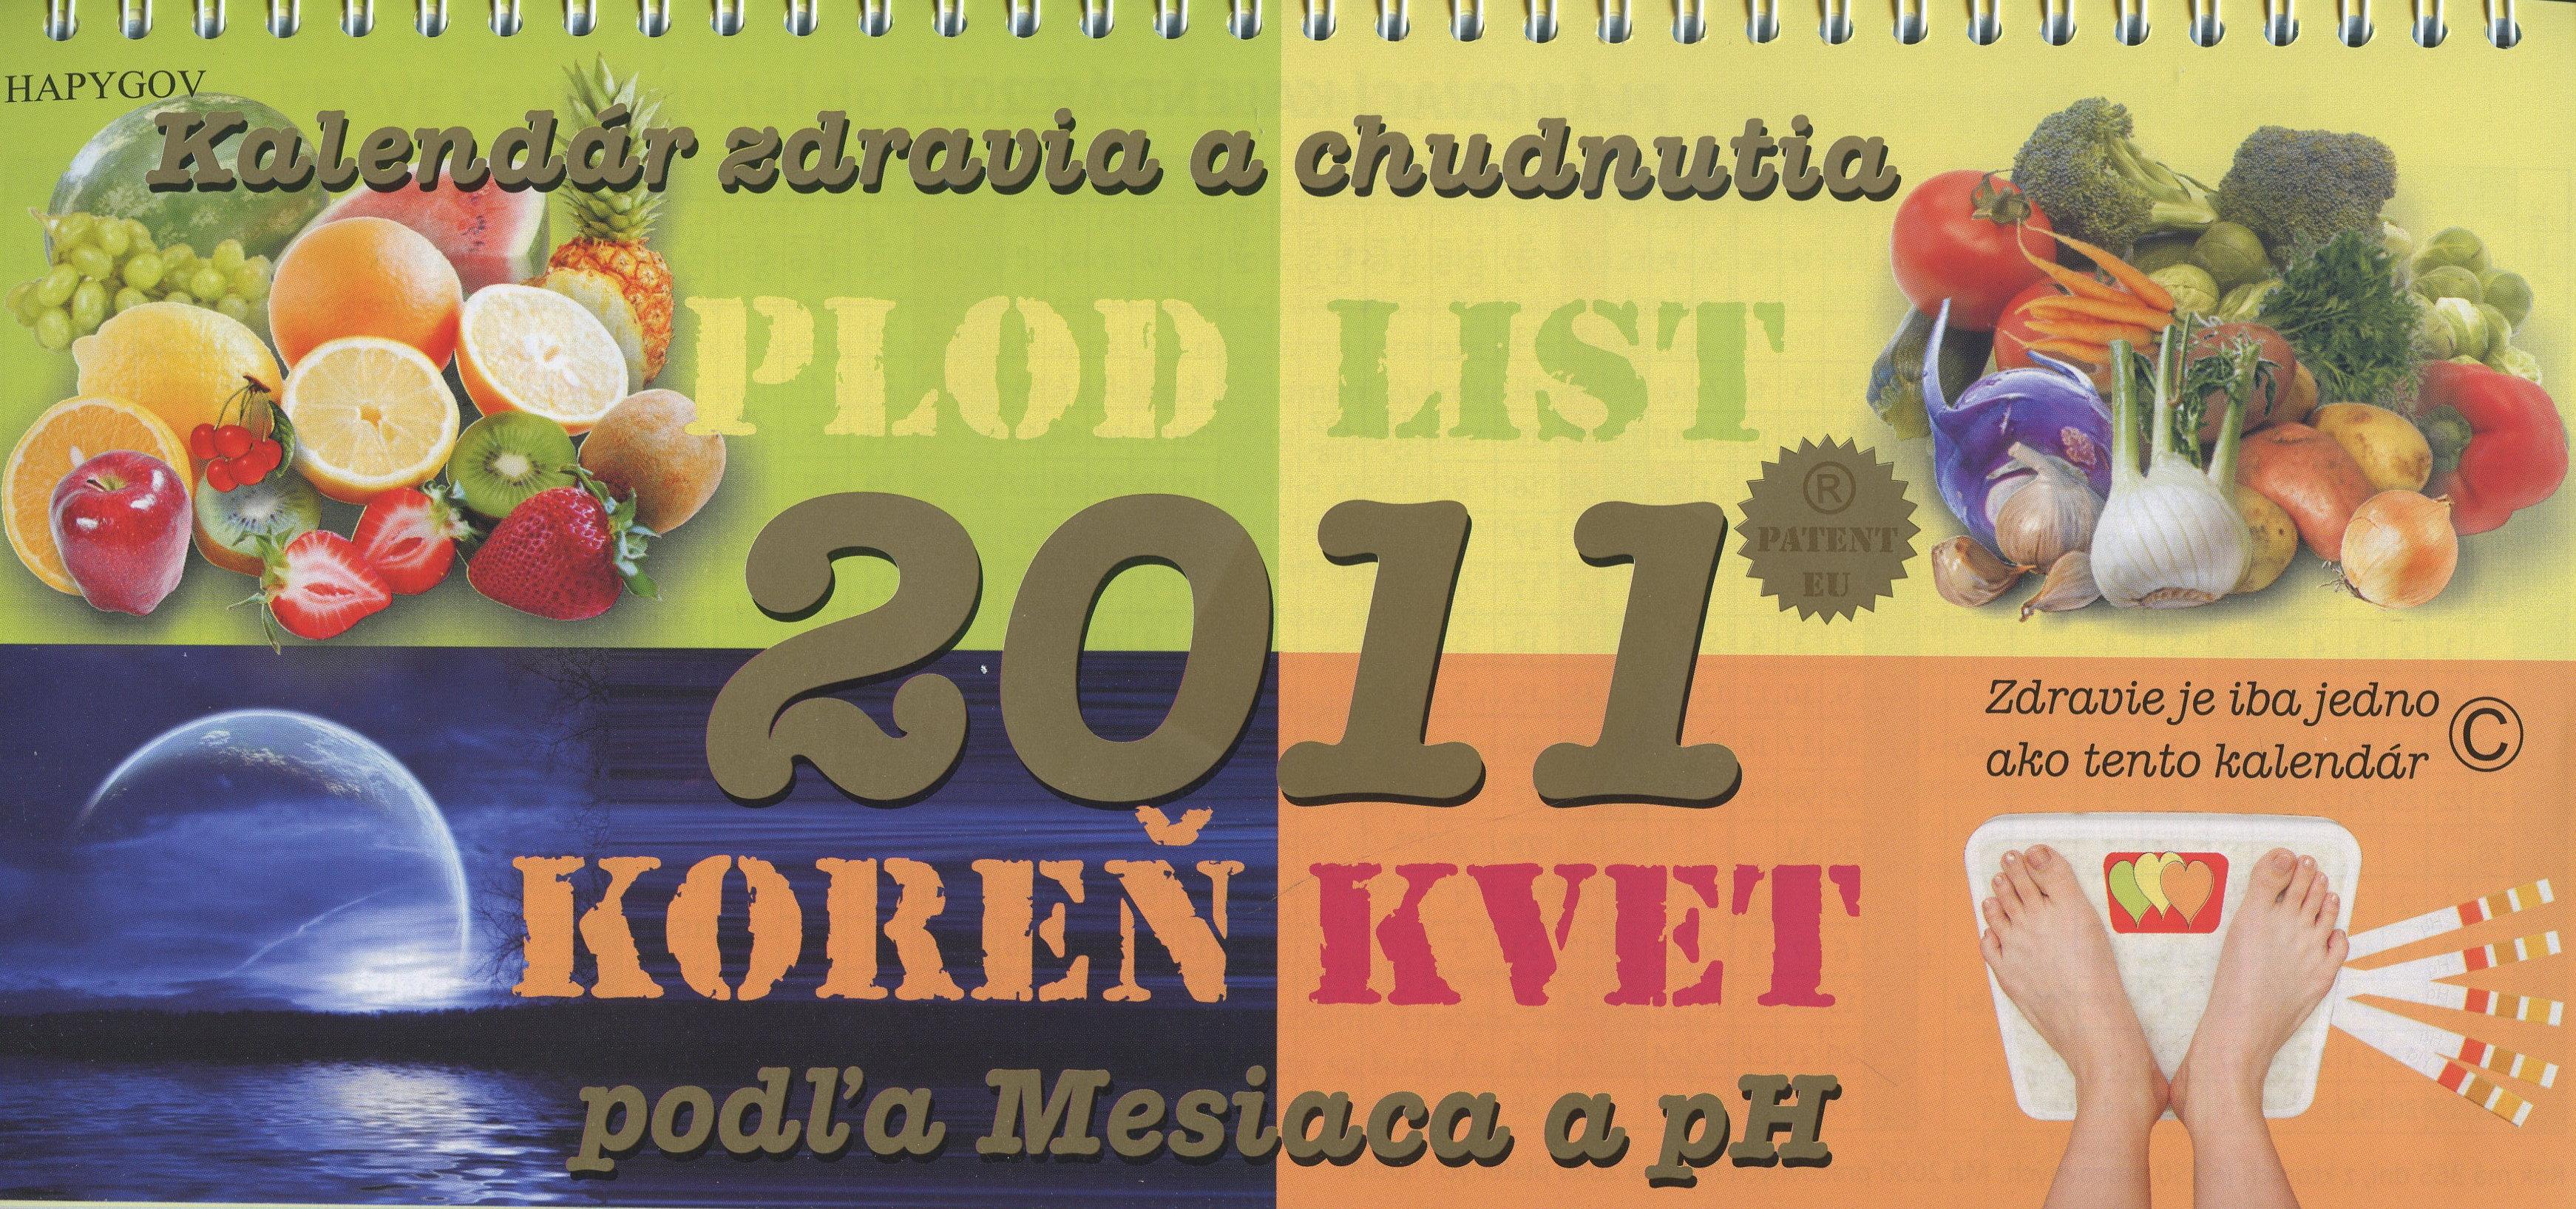 Kalendár zdravia a chudnutia 2011 - Plod/List/Koreň/Kvet - podľa Mesiaca a pH